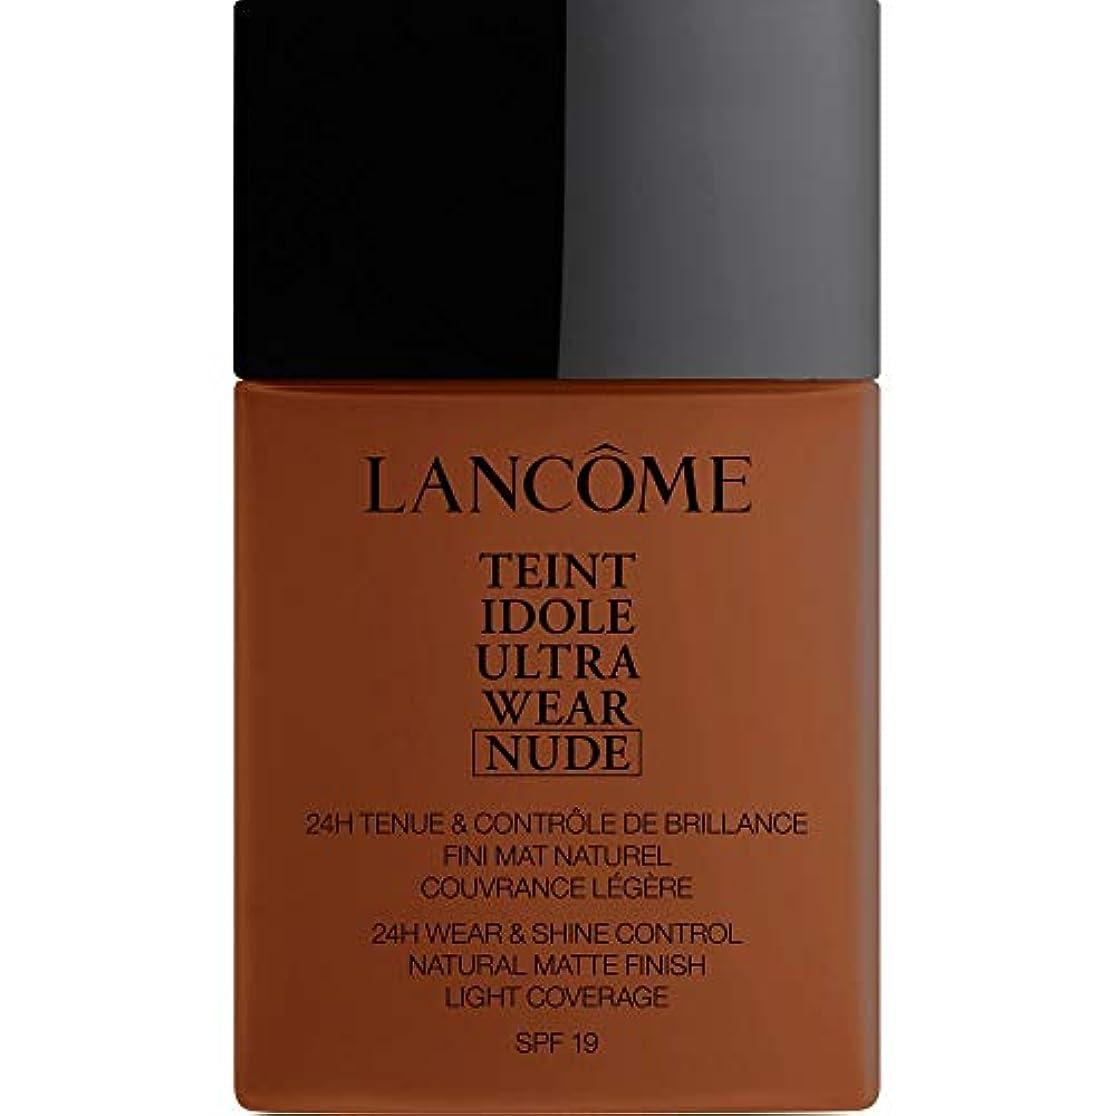 論理的にそれによって有名な[Lanc?me ] ランコムTeintのIdole超摩耗ヌード財団Spf19の40ミリリットル13.3 - サンタル - Lancome Teint Idole Ultra Wear Nude Foundation SPF19...